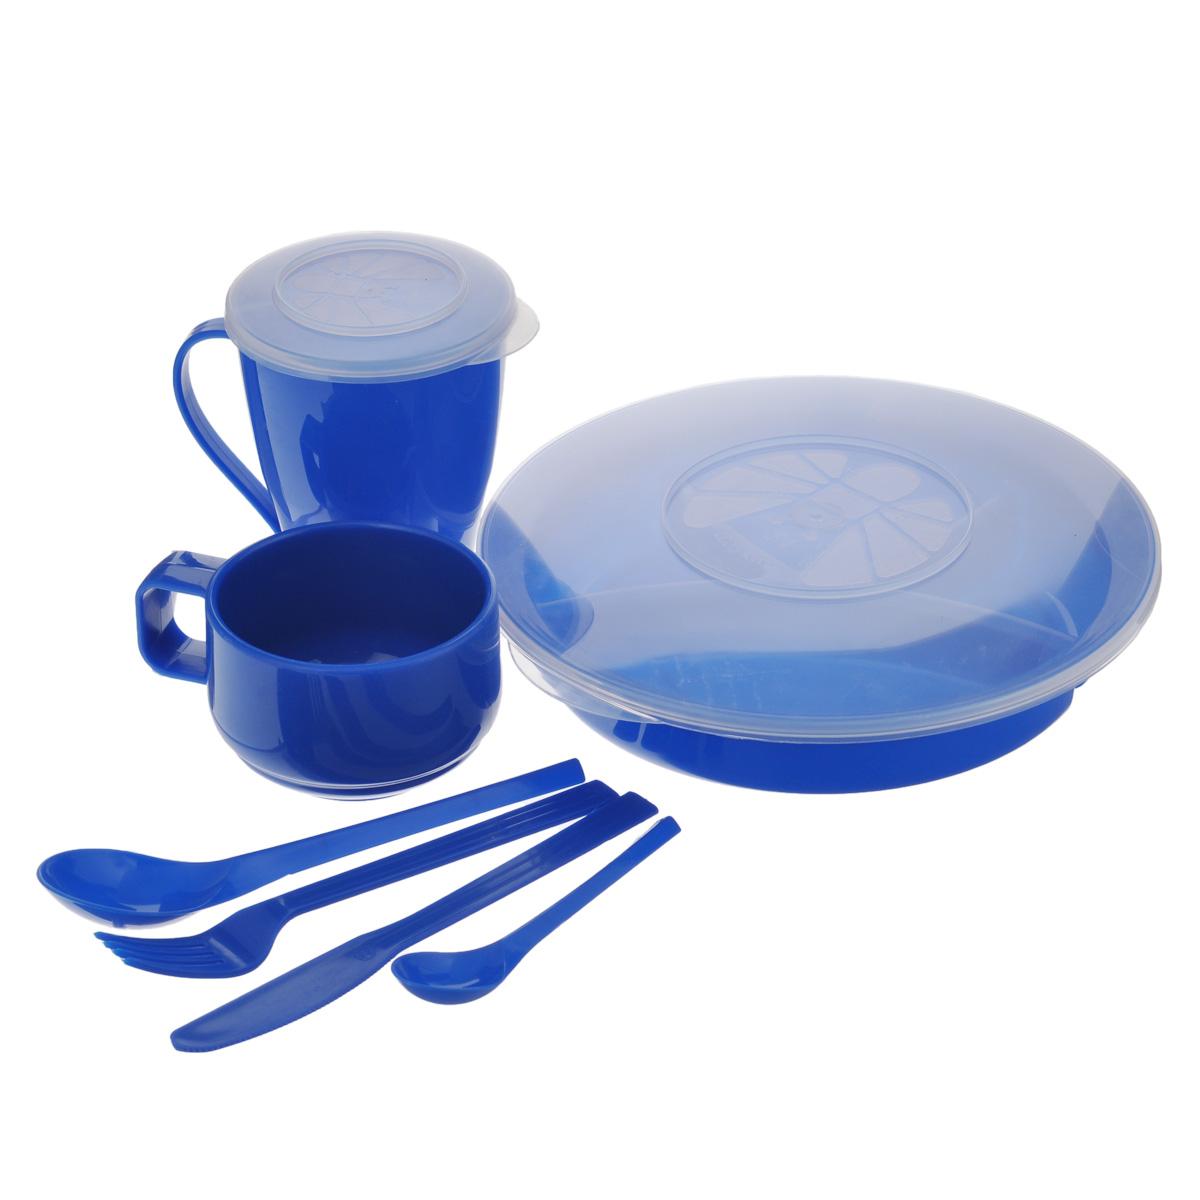 Набор посуды Solaris Вахтовый метод, цвет: синий, на 1 персонуS1101Компактный набор посуды Solaris Вахтовый метод, выполненный из качественного полипропилена, в удобной виниловой сумке с ручкой и молнией.Свойства посуды:Посуда из ударопрочного пищевого полипропилена предназначена для многократного использования. Легкая, прочная и износостойкая, экологически чистая, эта посуда работает в диапазоне температур от -25°С до +110°С. Можно мыть в посудомоечной машине. Эта посуда также обеспечивает:Хранение горячих и холодных пищевых продуктов;Разогрев продуктов в микроволновой печи;Приготовление пищи в микроволновой печи на пару (пароварка);Хранение продуктов в холодильной и морозильной камере;Кипячение воды с помощью электрокипятильника.Состав набора:Менажница с герметичной крышкой;Чашка для супа с герметичной крышкой, объем 0,5 л;Чашка объемом 0,28 л;Вилка;Ложка столовая;Нож;Ложка чайная.Диаметр менажницы: 22,5 см.Высота менажницы: 5 см.Диаметр чашки для супа по верхнему краю: 9,2 см.Диаметр дна чашки для супа: 5,7 см.Высота чашки для супа: 12,5 см.Диаметр чашки по верхнему краю: 9,3 см.Диаметр дна чашки: 6 см.Высота чашки: 6,5 см.Длина ложки: 19 см.Длина вилки: 19 см.Длина ножа: 19 см.Длина чайной ложки: 13,5 см.